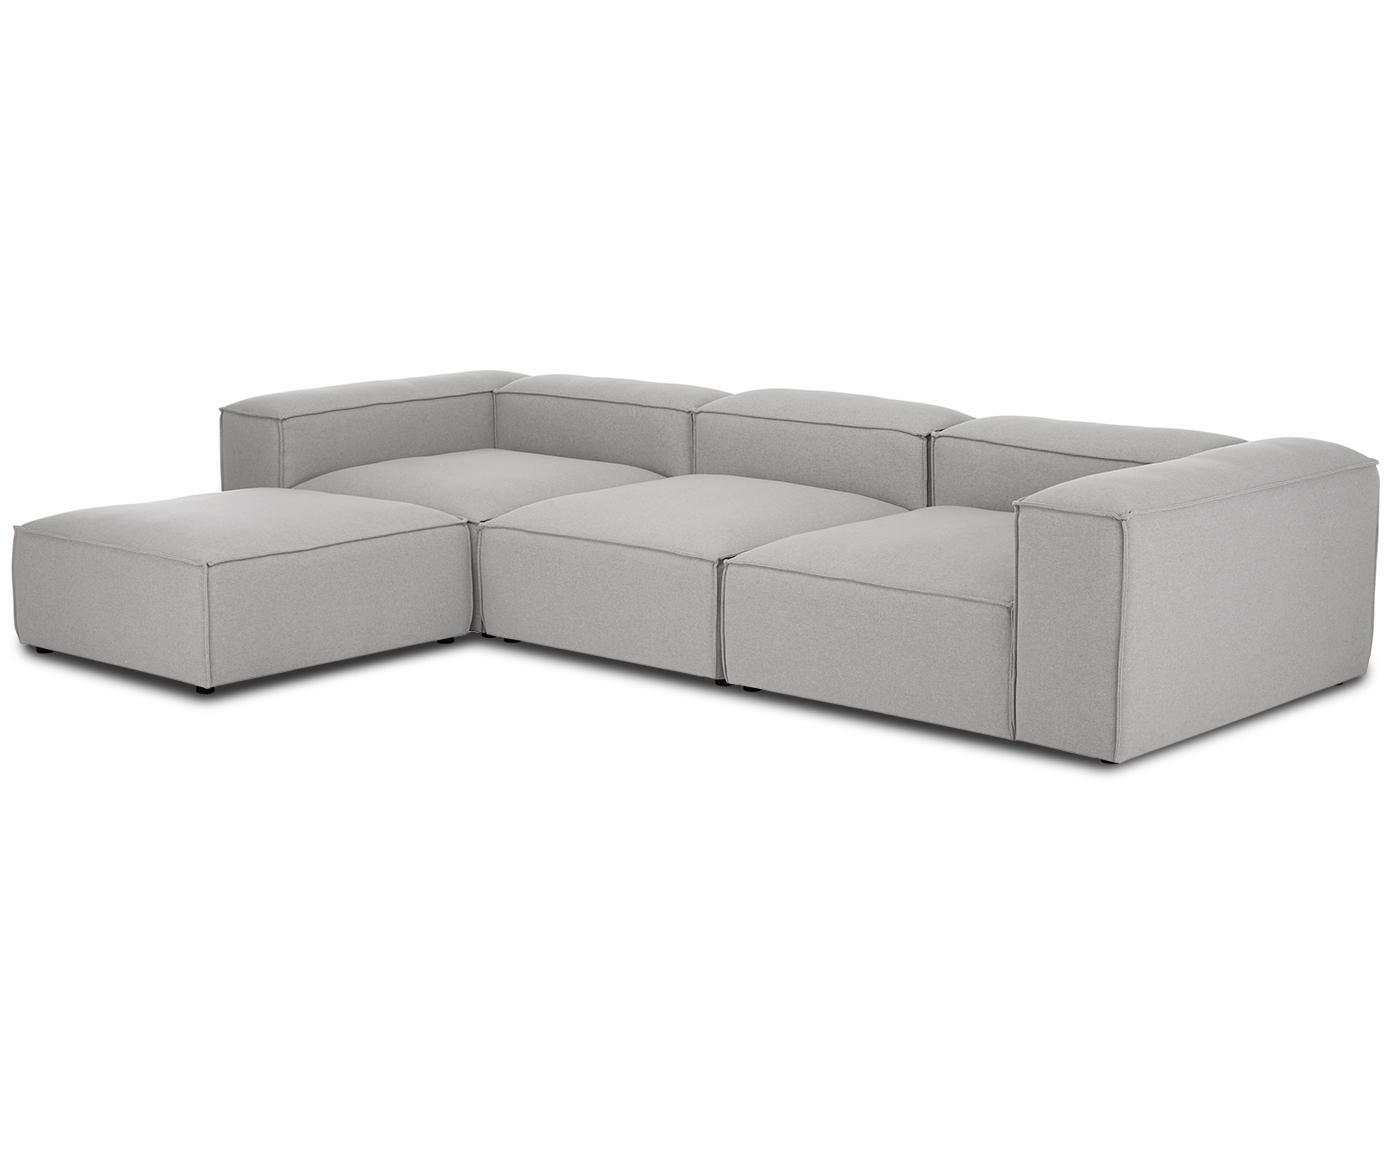 Sofa modułowa Lennon, Tapicerka: 100%poliester 40000cy, Stelaż: lite drewno sosnowe, płyt, Nogi: tworzywo sztuczne, Jasny szary, S 333 x G 214 cm